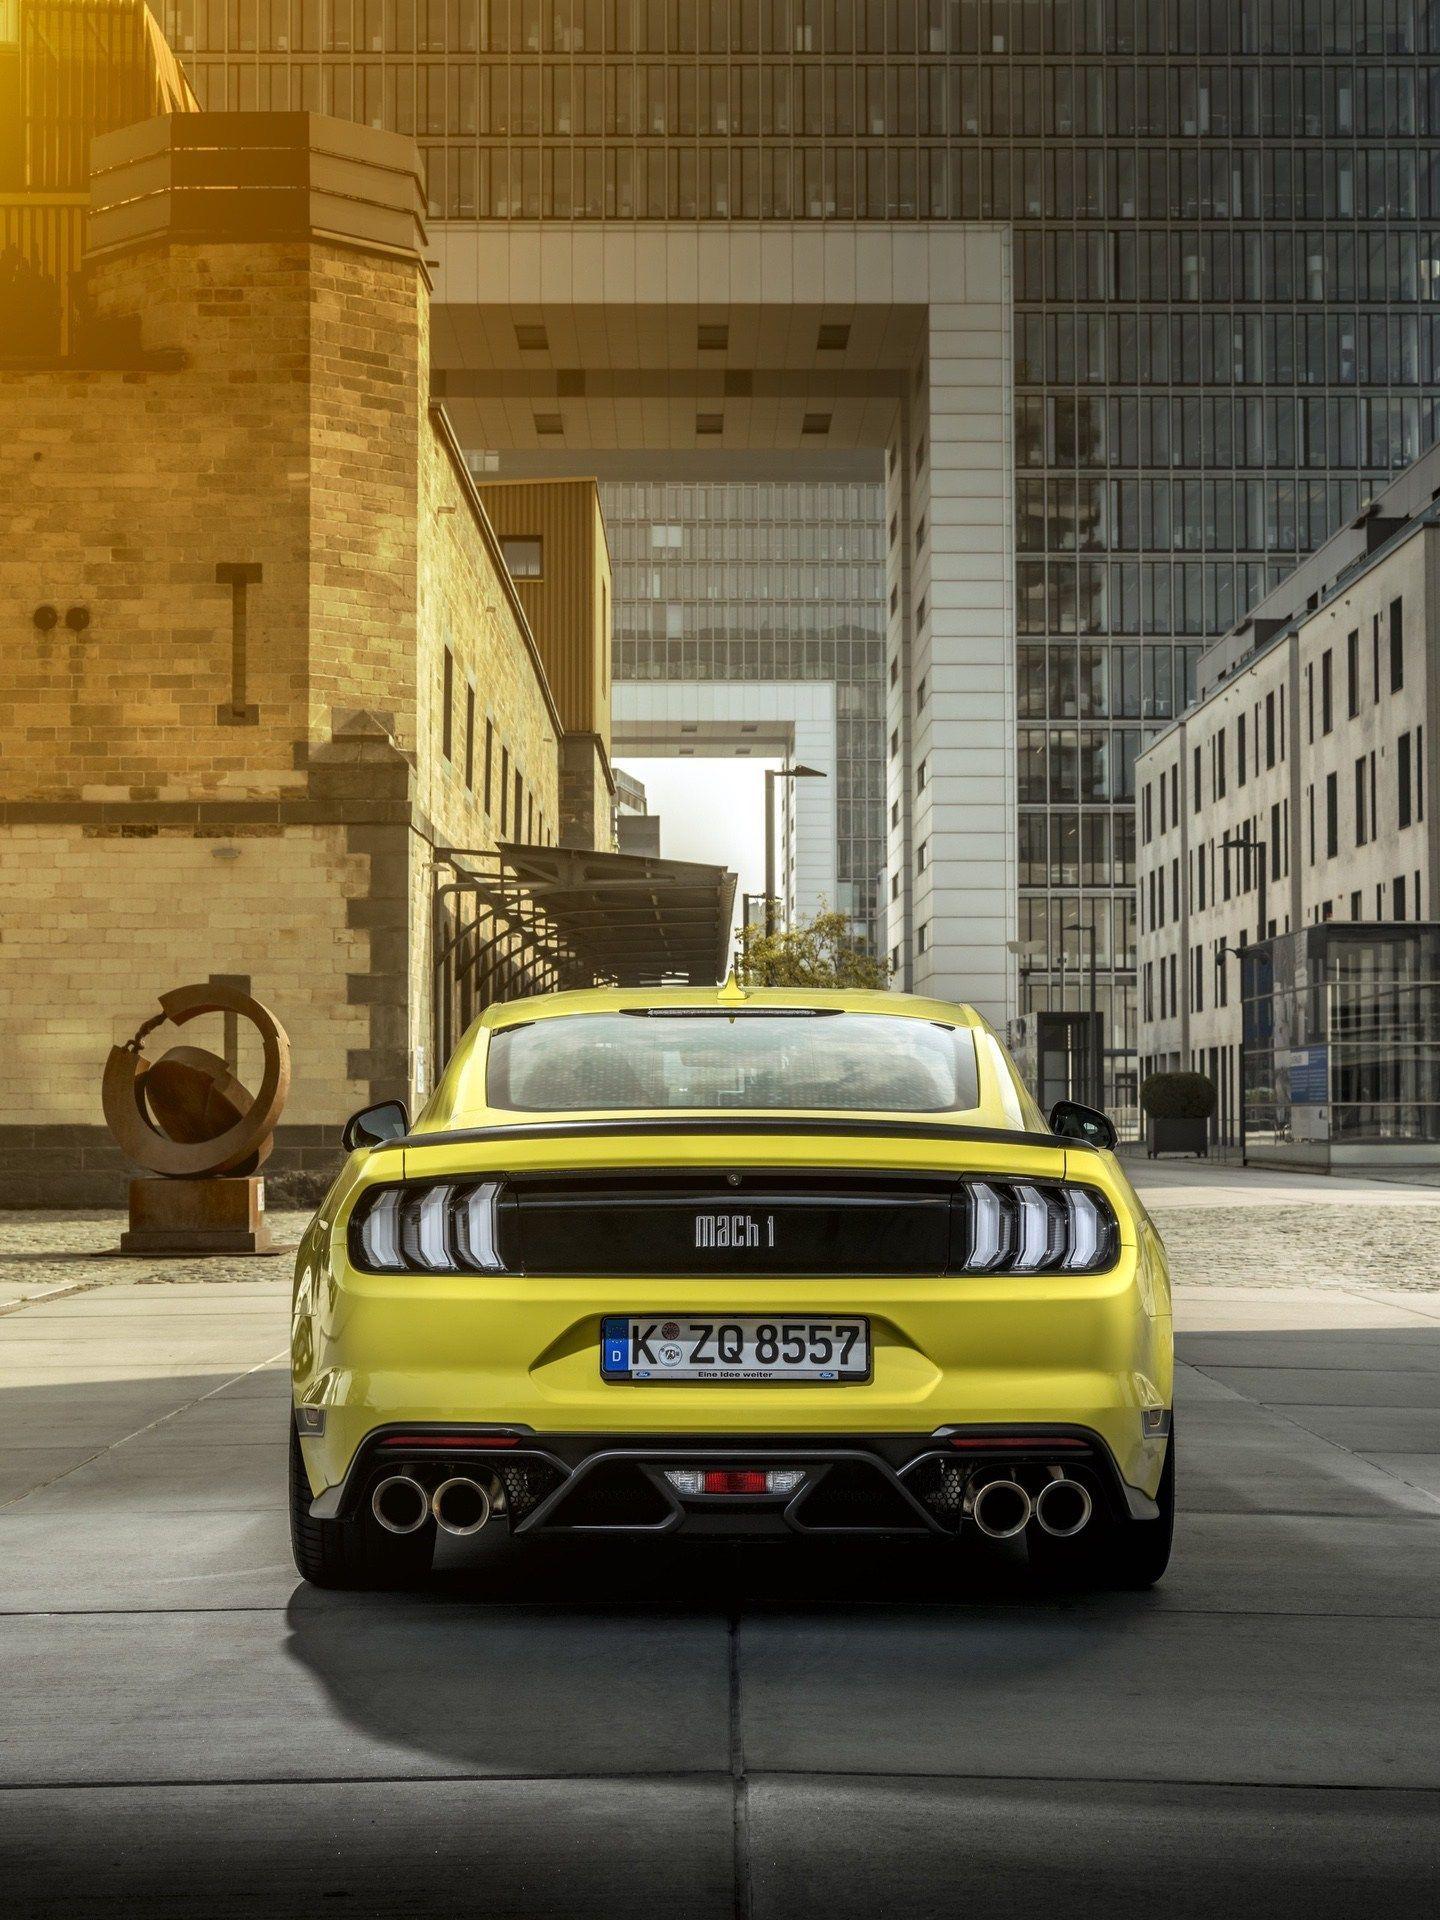 Ford_Mustang_Mach_1_EU-Spec_0022